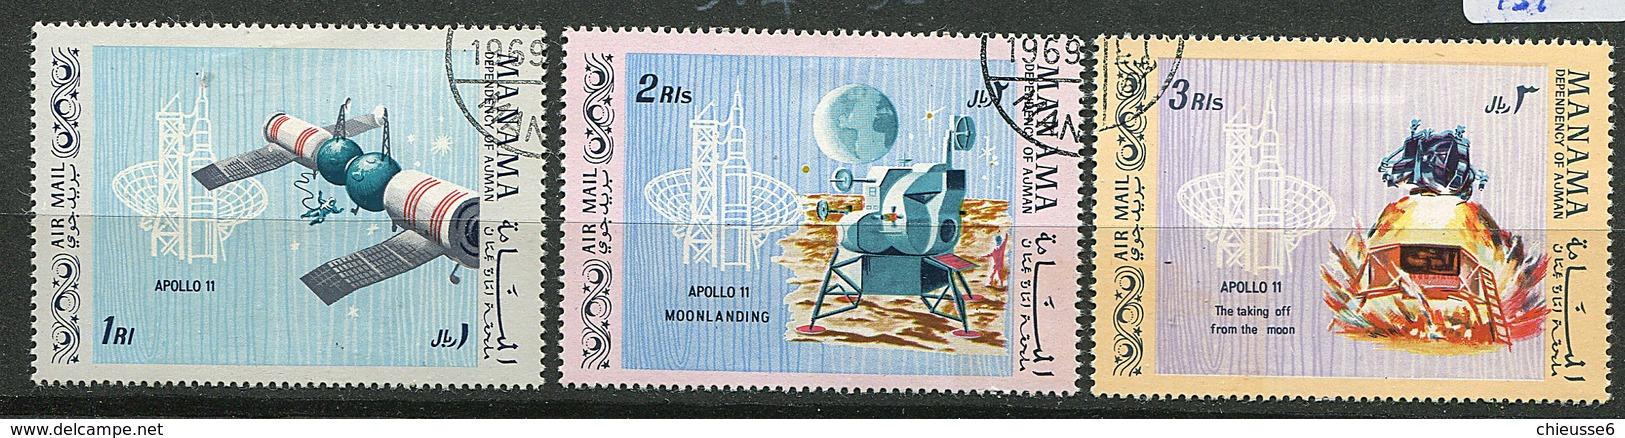 Manama Ob Michel N° 213 A à 215 A - Apollo 11 - - Manama